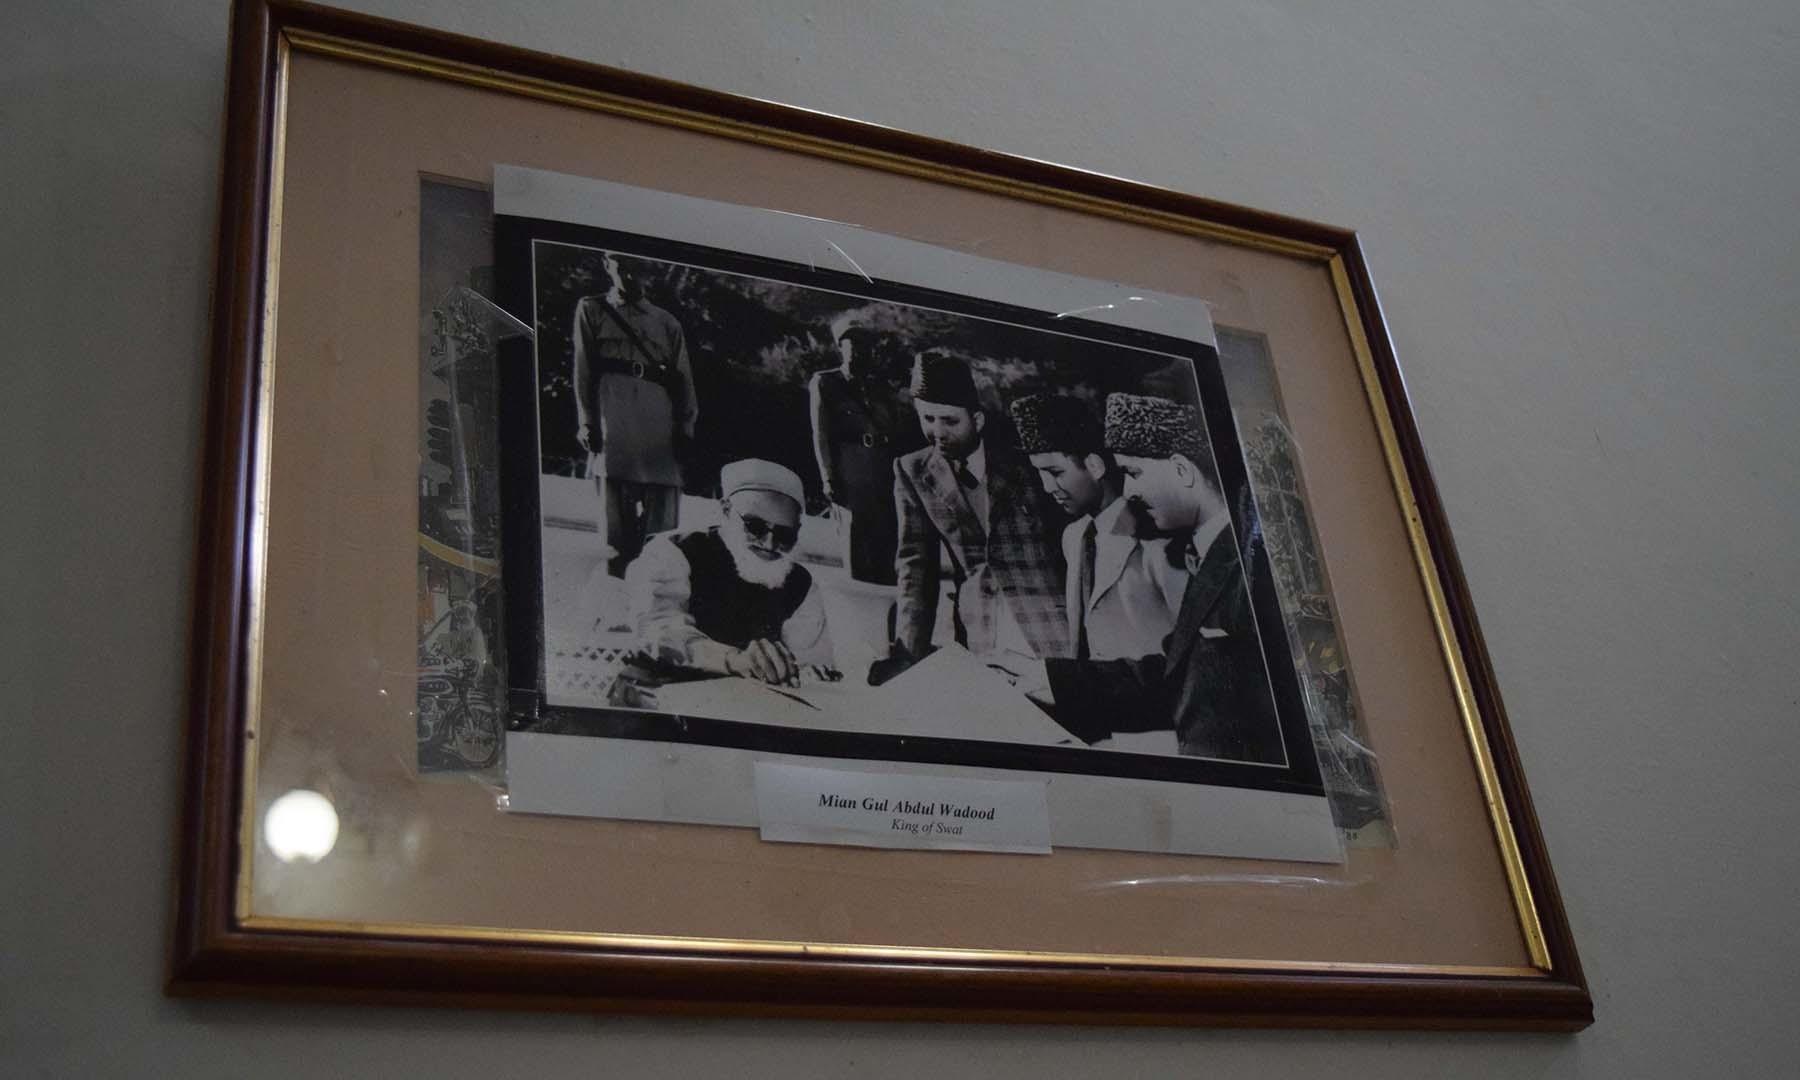 سفید محل کے اندر دیوار پر ٹانکی گئی میاں گل عبدالودود بادشاہ صاحب کی ایک نایاب تصویر۔